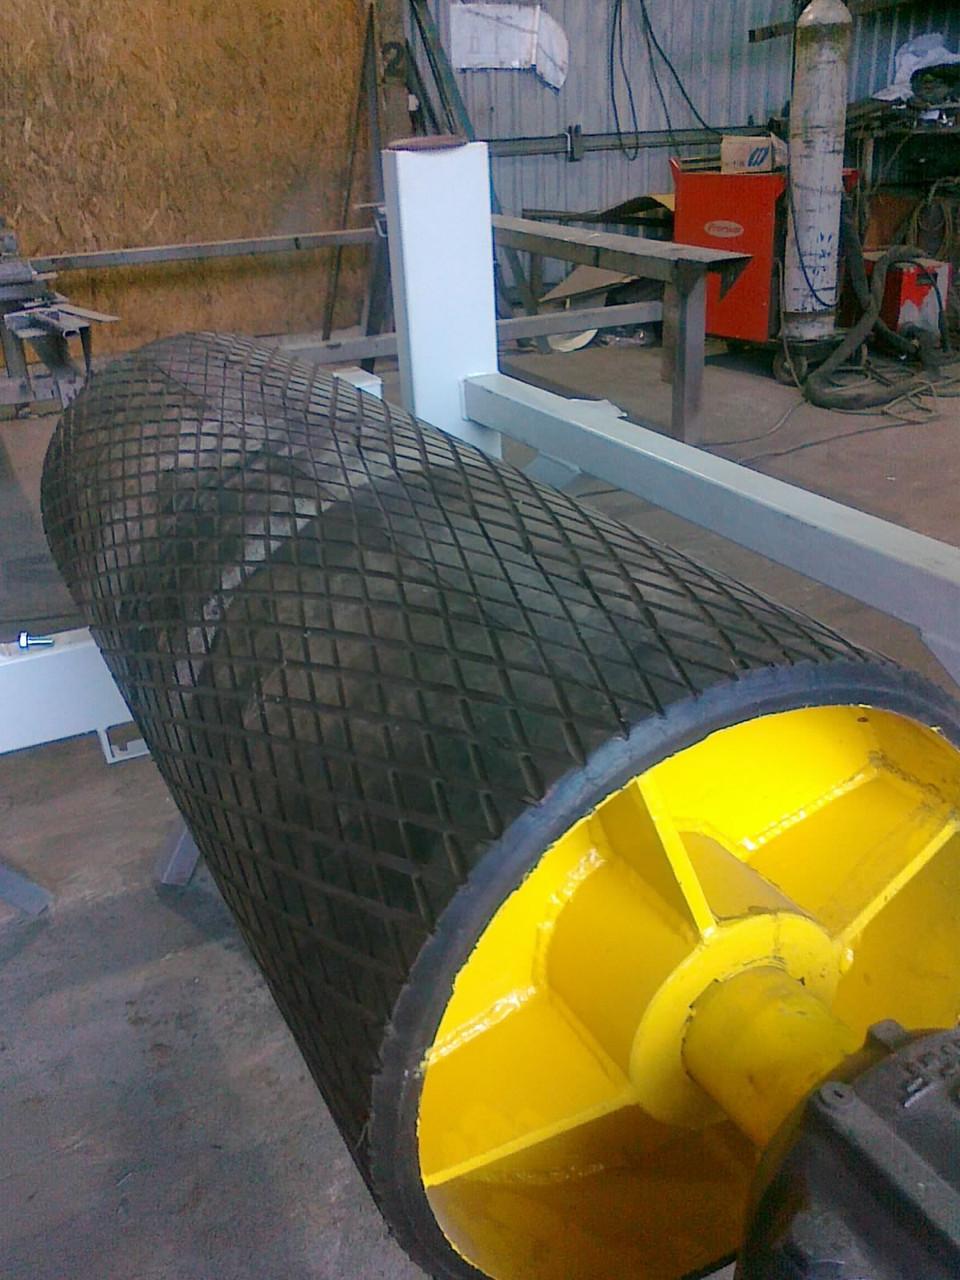 Обрезиневание або гумування приводного барабана стрічкового конвеєра, футеровка гумовими кільцями роликів